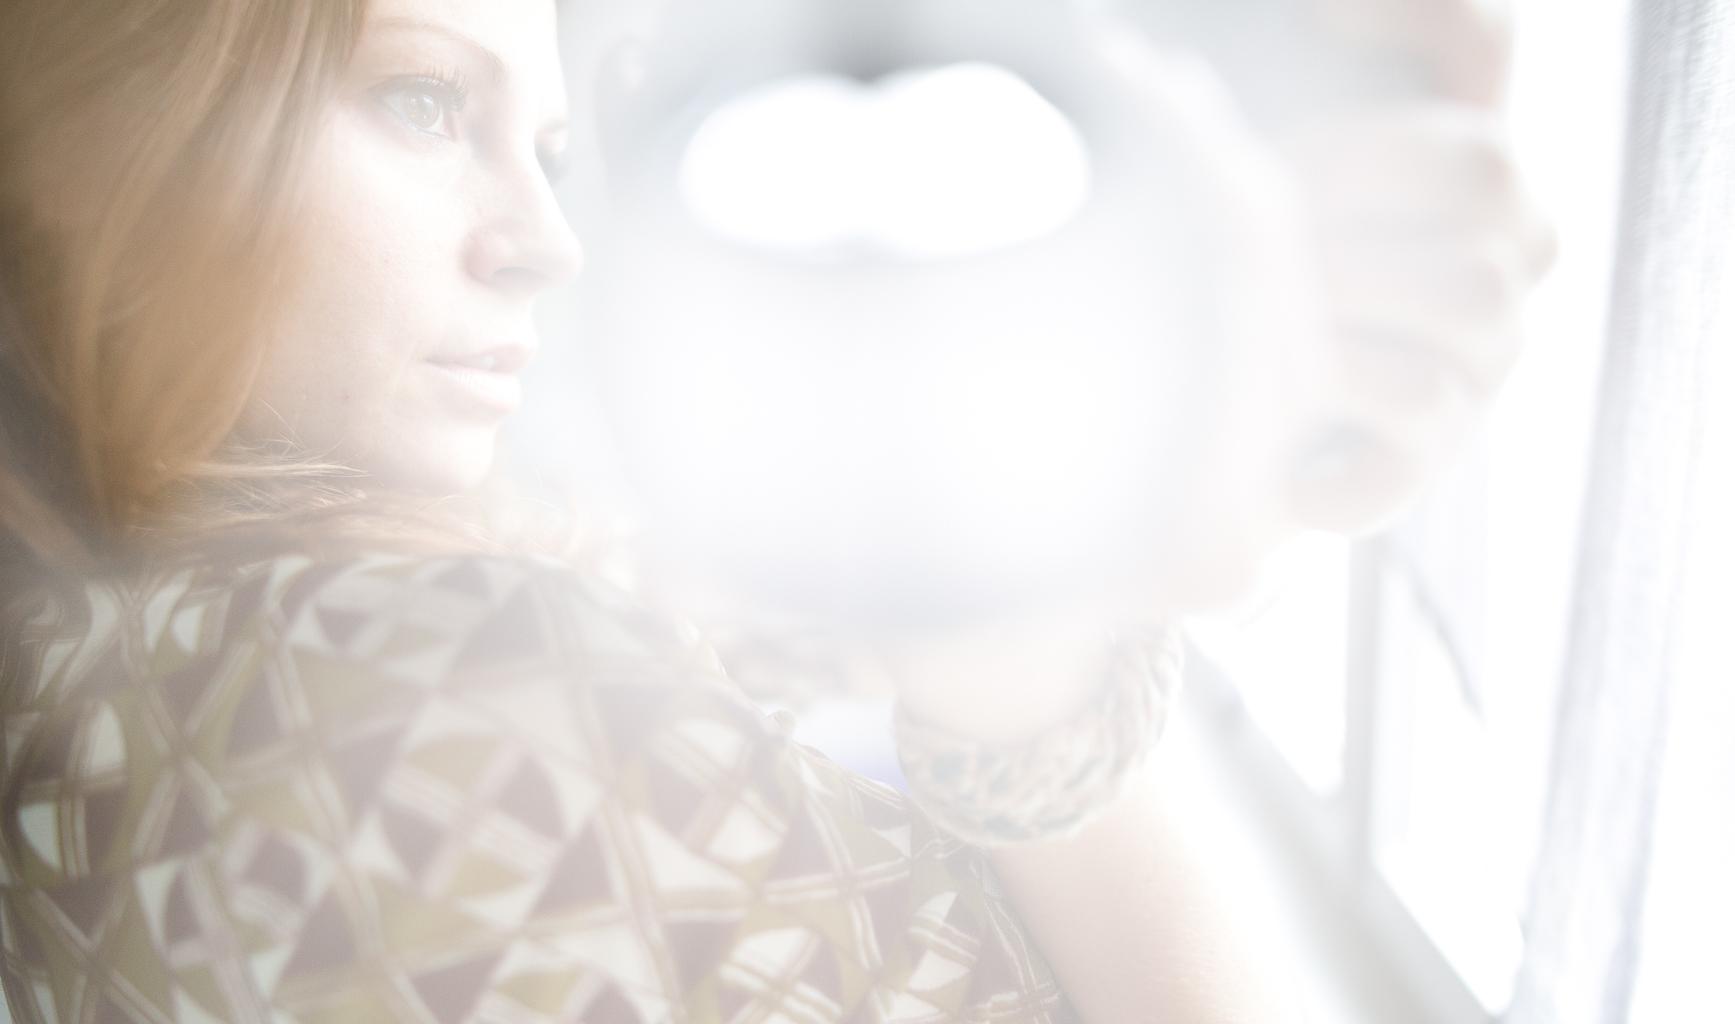 autoportrait gaelle hartmann photographe strasbourg